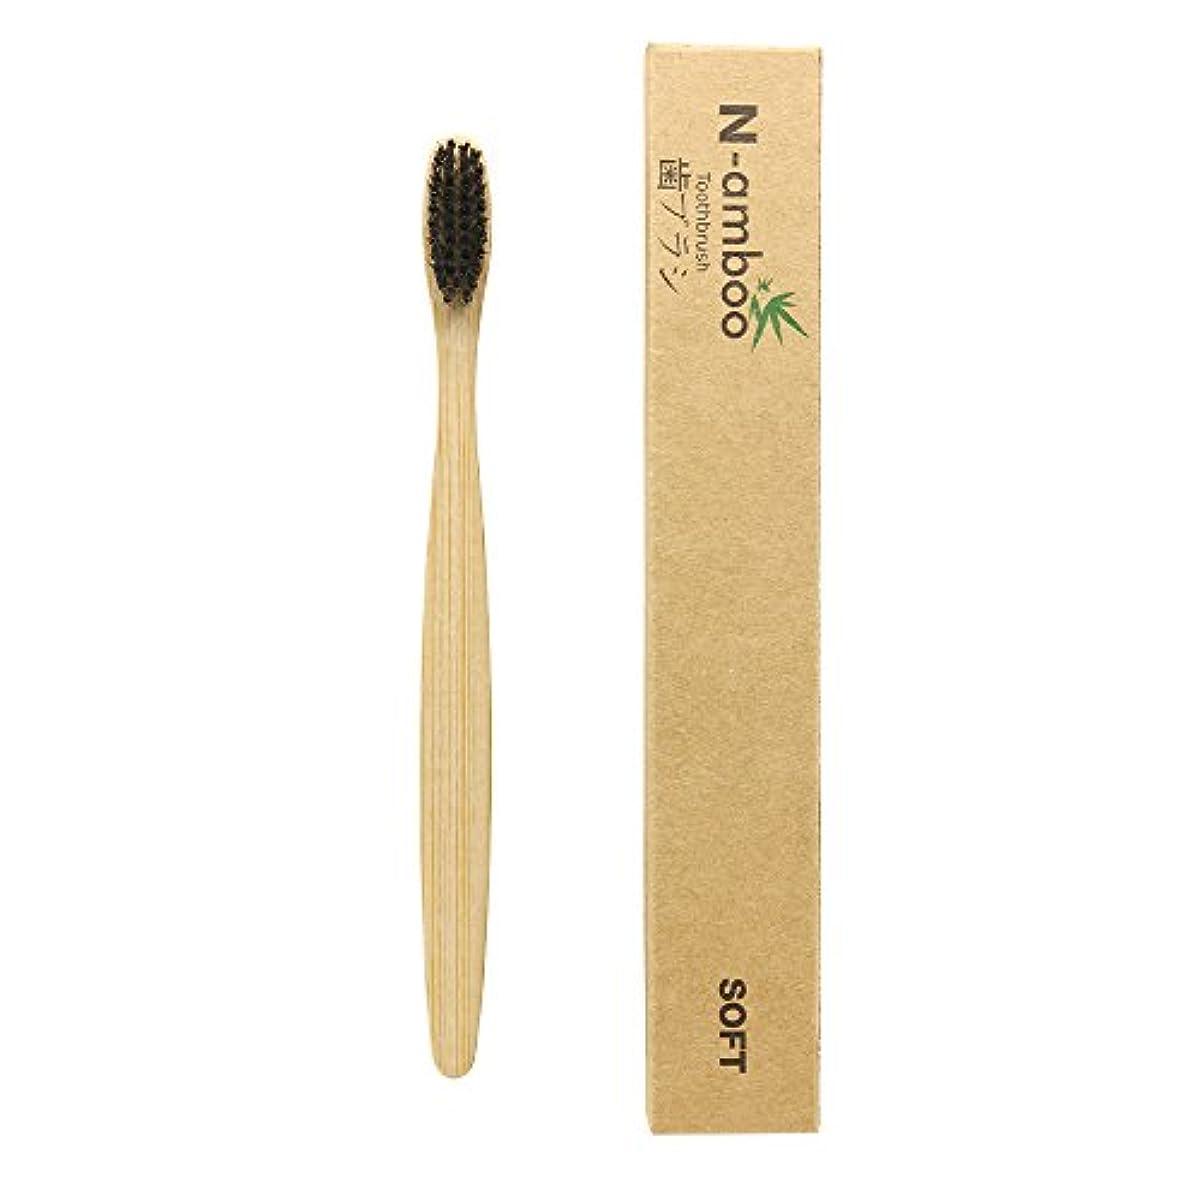 アトミック小麦粉盗難N-amboo 歯ブラシ 1本入り 竹製 高耐久性 黒 エコ